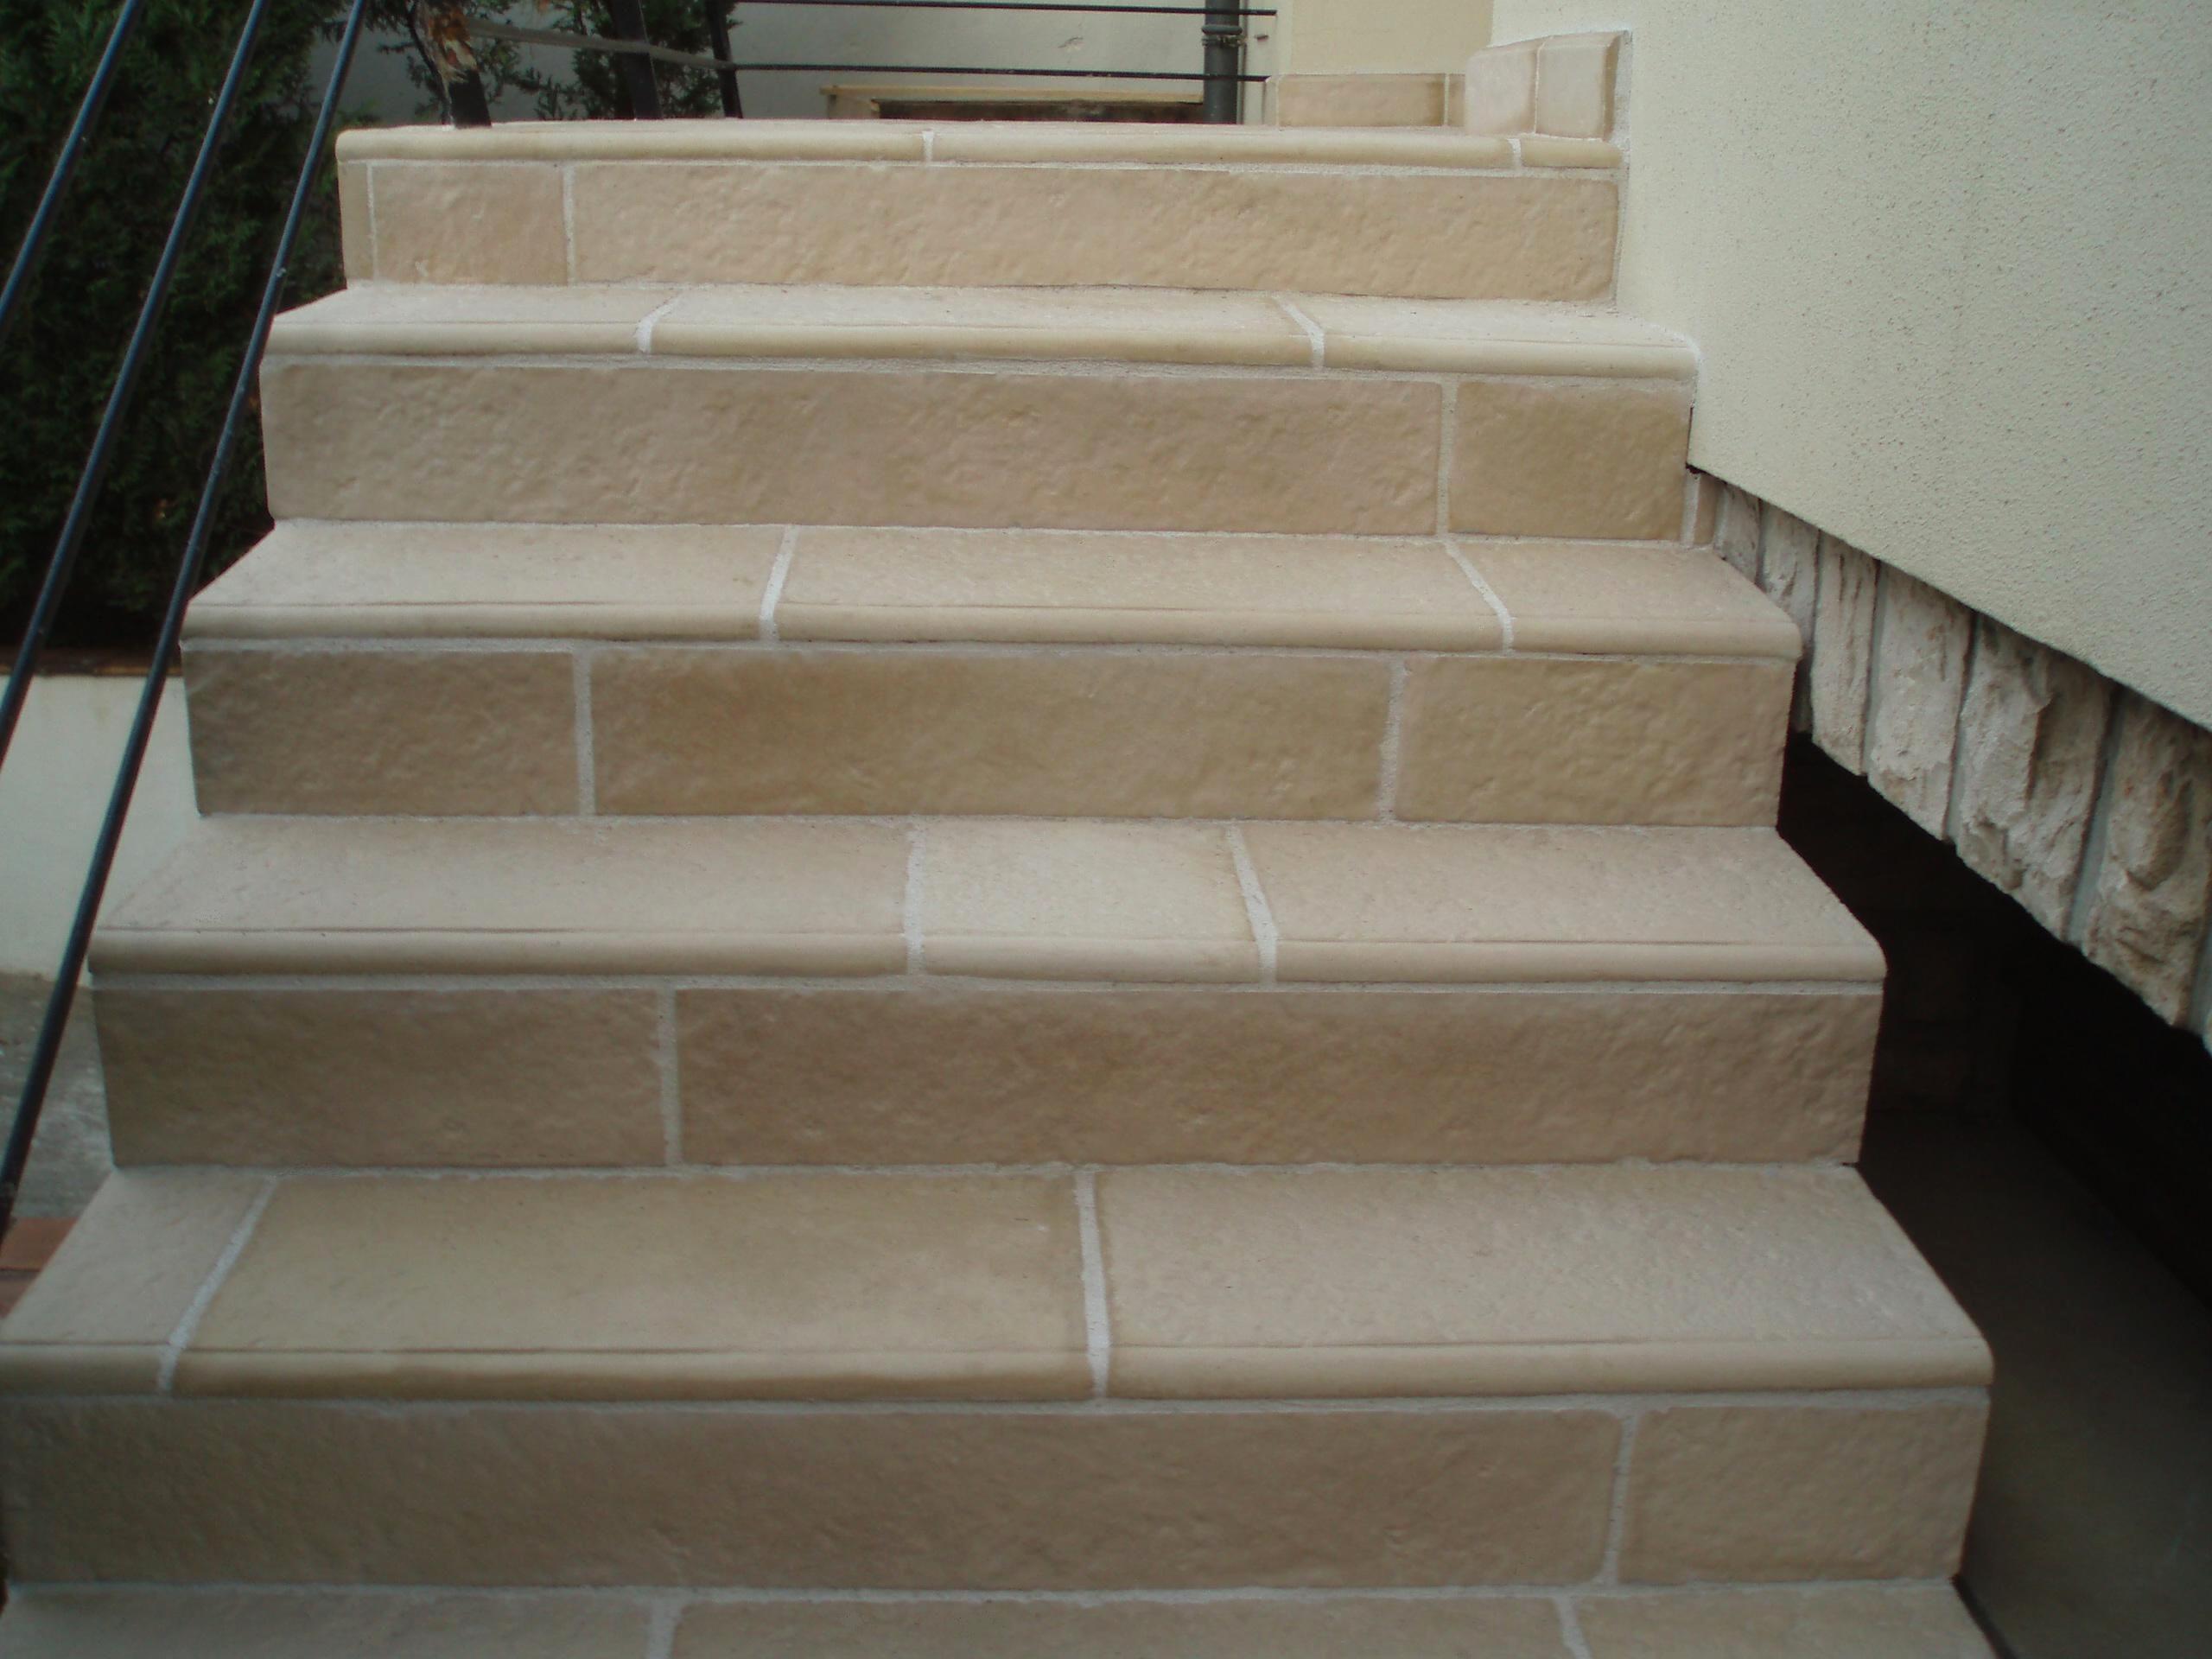 habillage d 39 escalier en pierre reconstitu e pierre de b. Black Bedroom Furniture Sets. Home Design Ideas